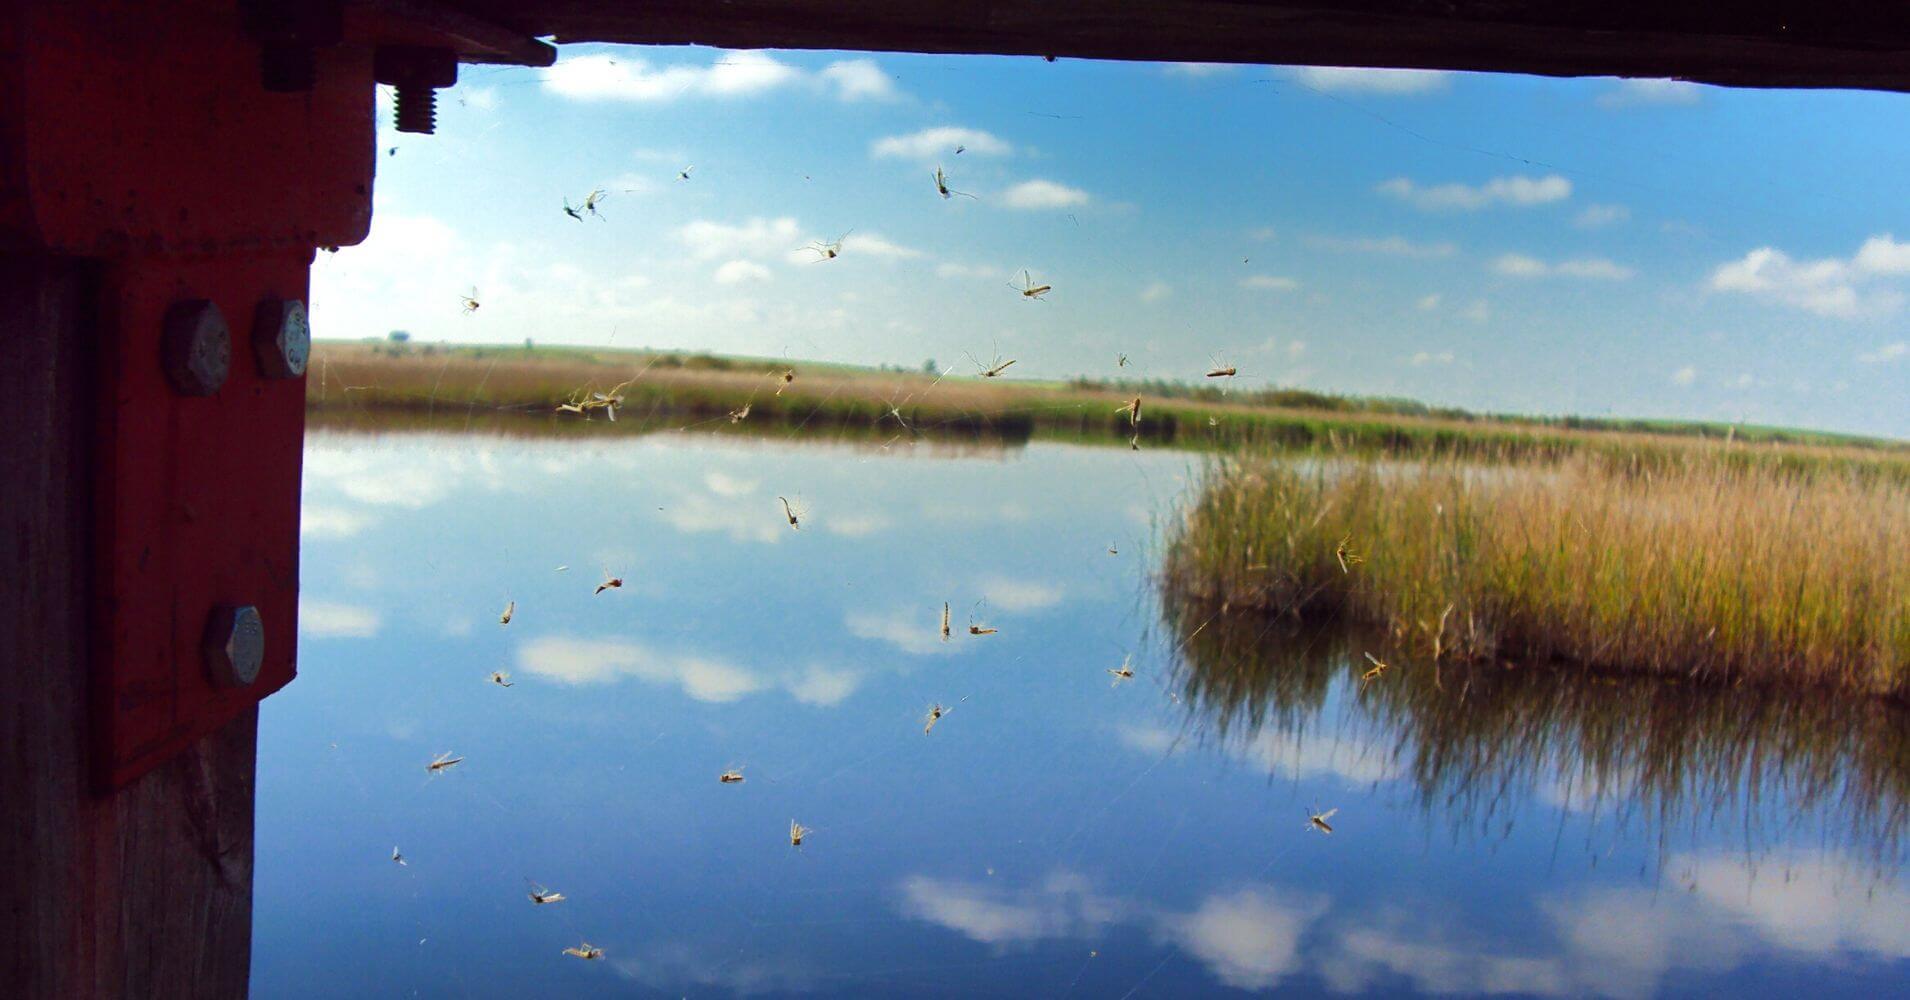 Observatorio de aves del Parque Nacional de las Tablas de Daimiel. Ciudad Real, Castilla la Mancha.